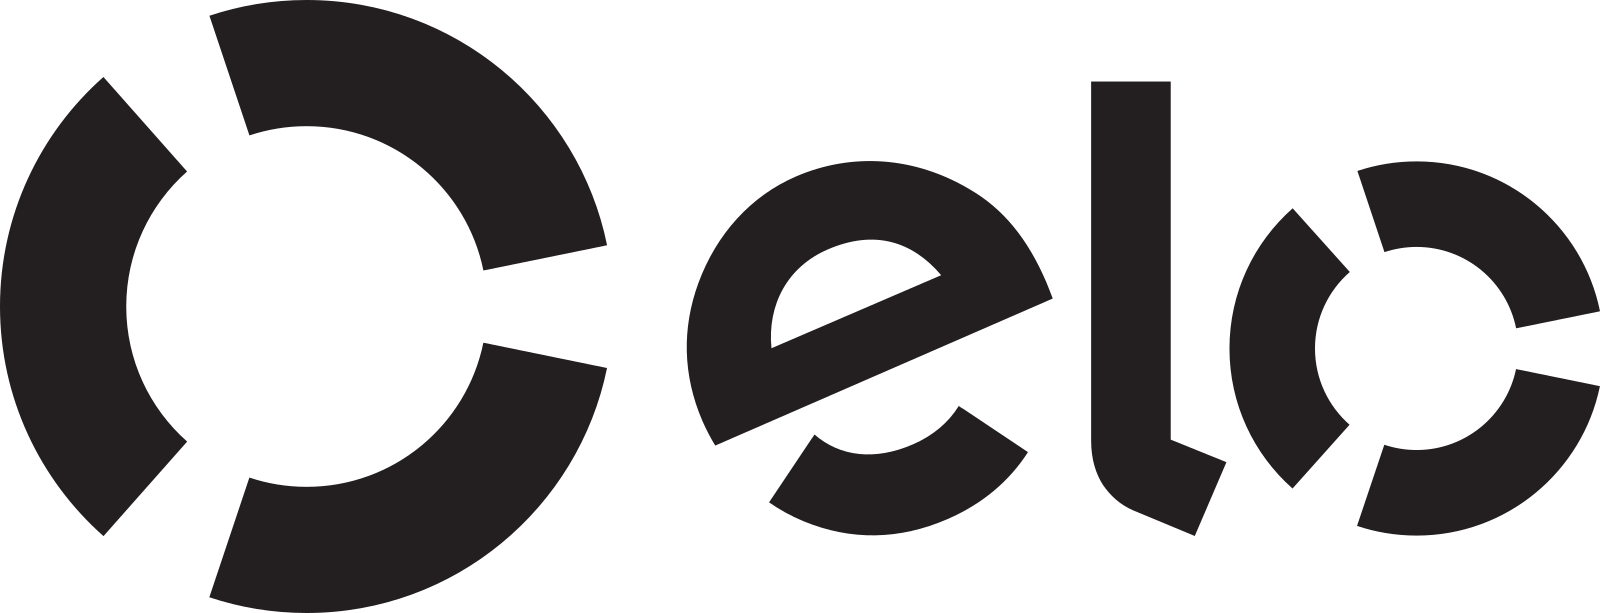 elo-logo-9